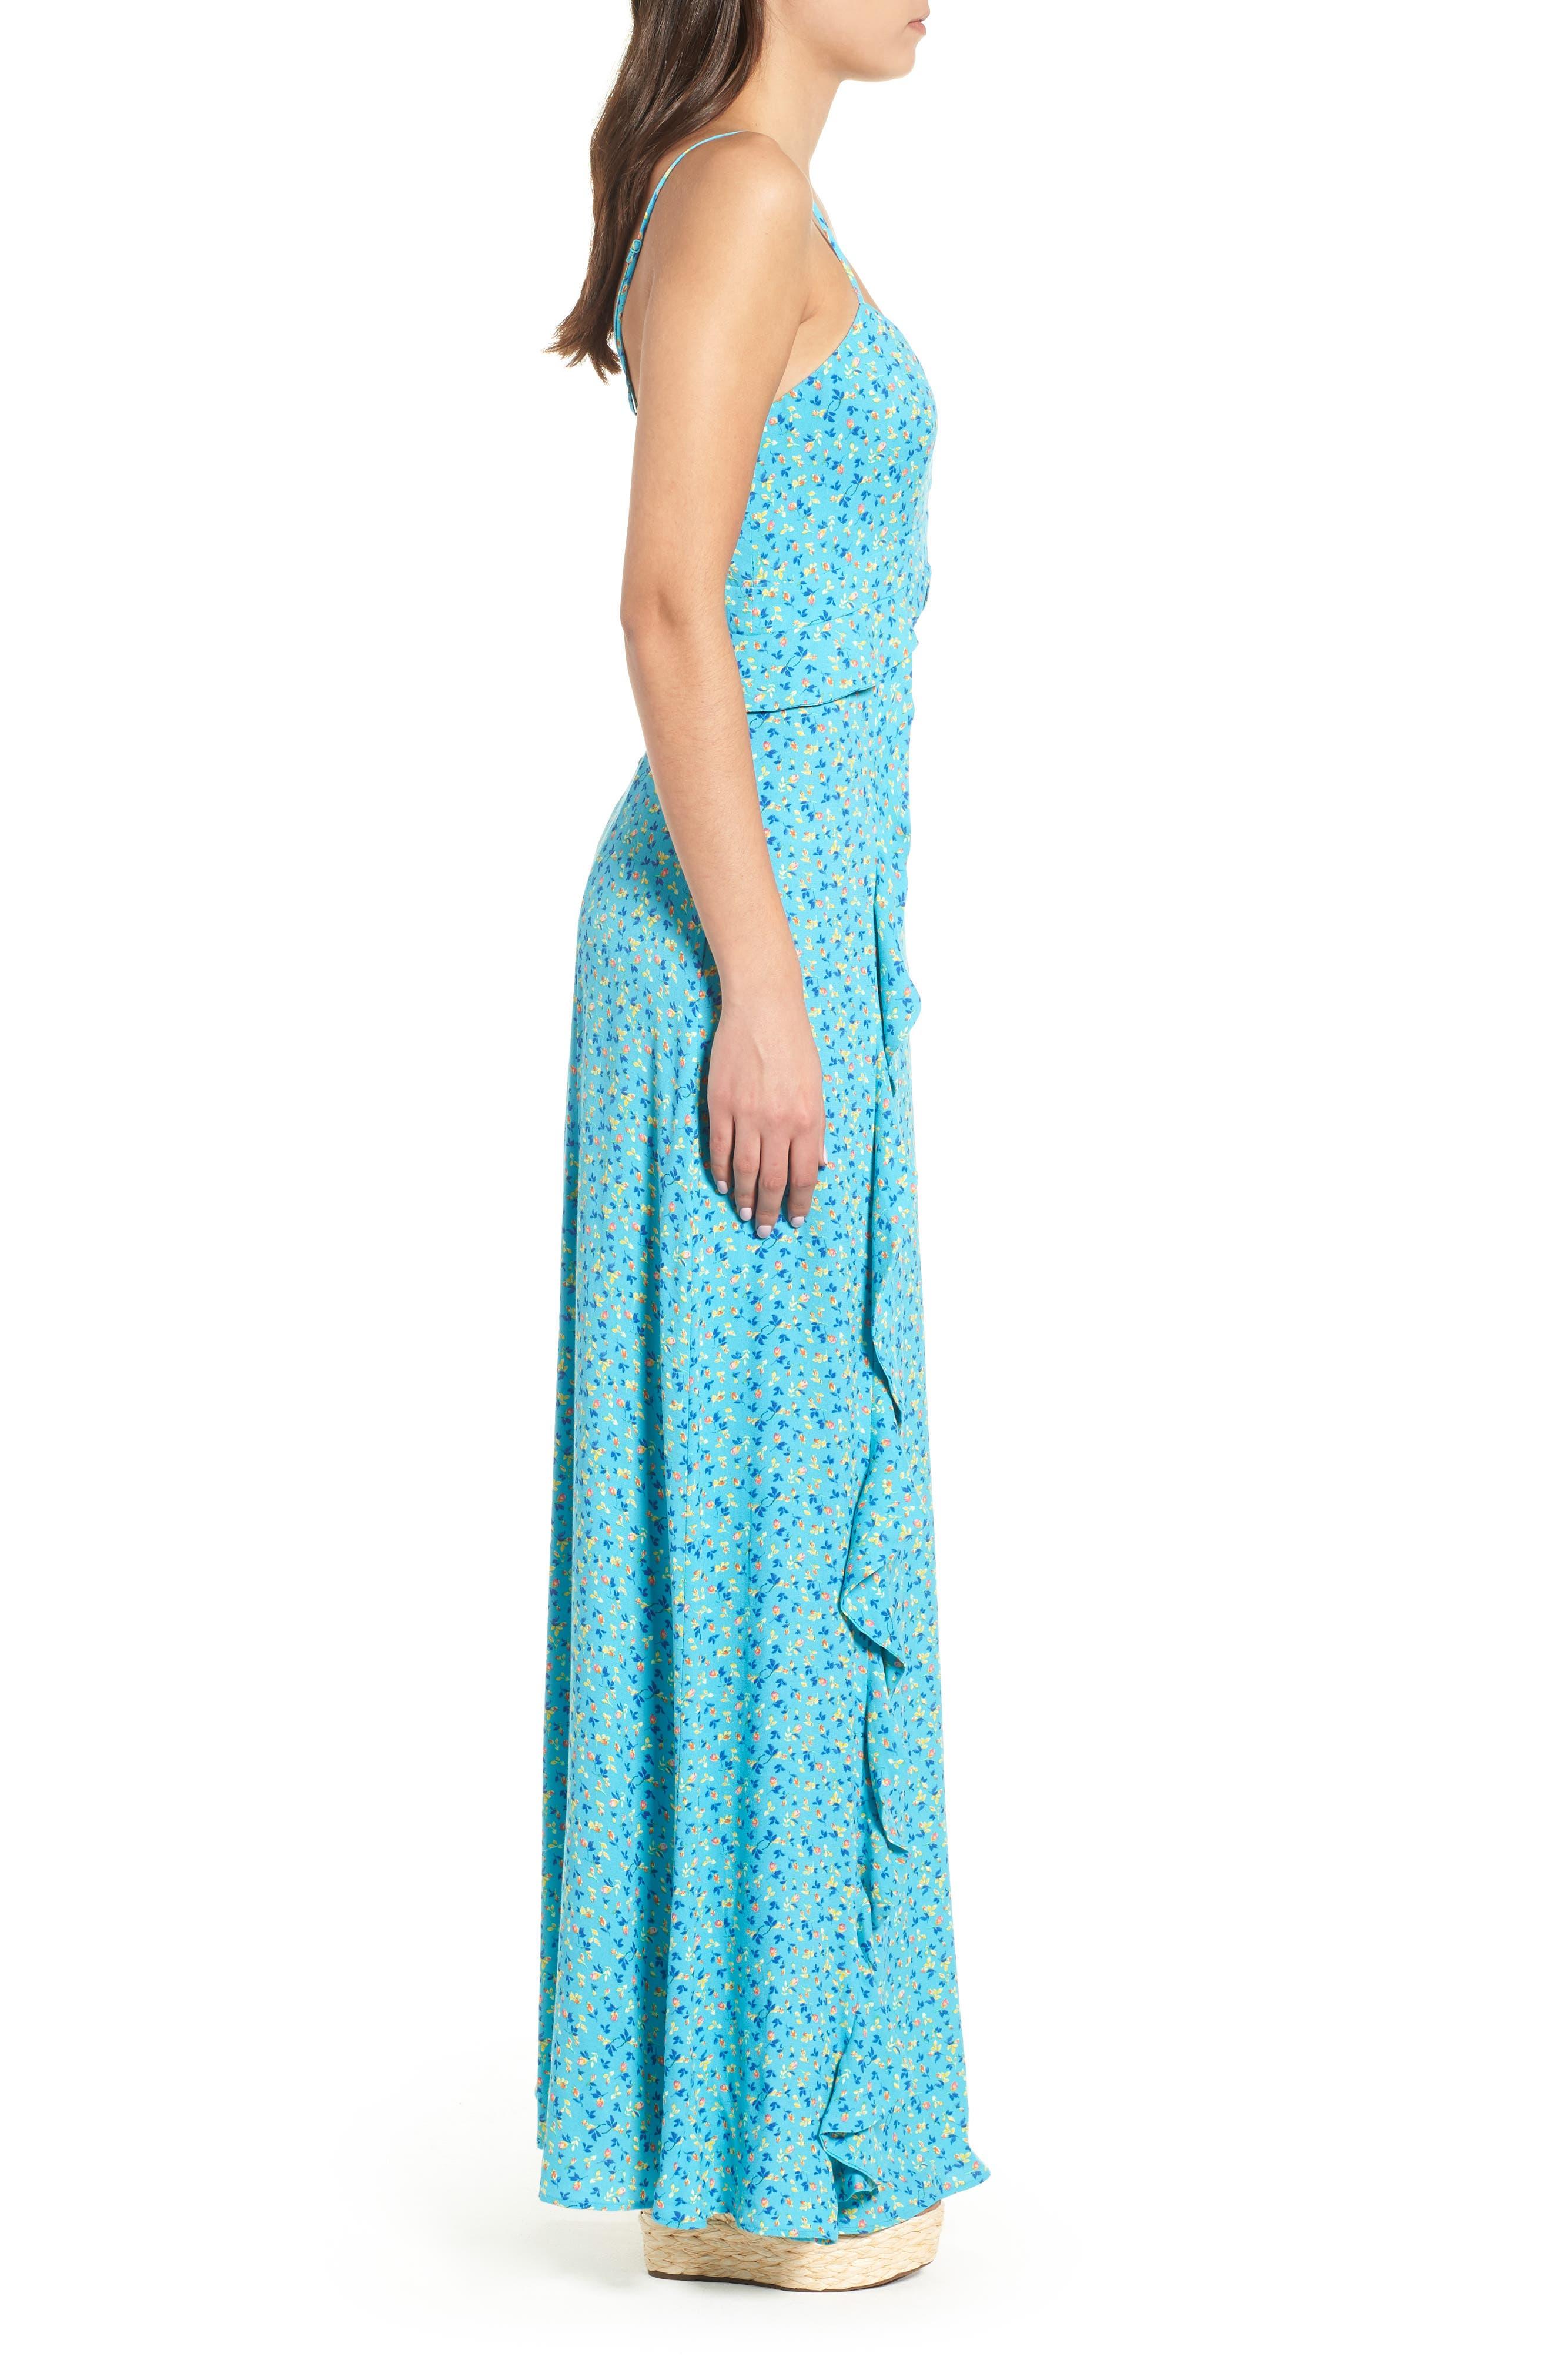 Kiki Ruffle Maxi Dress,                             Alternate thumbnail 3, color,                             400